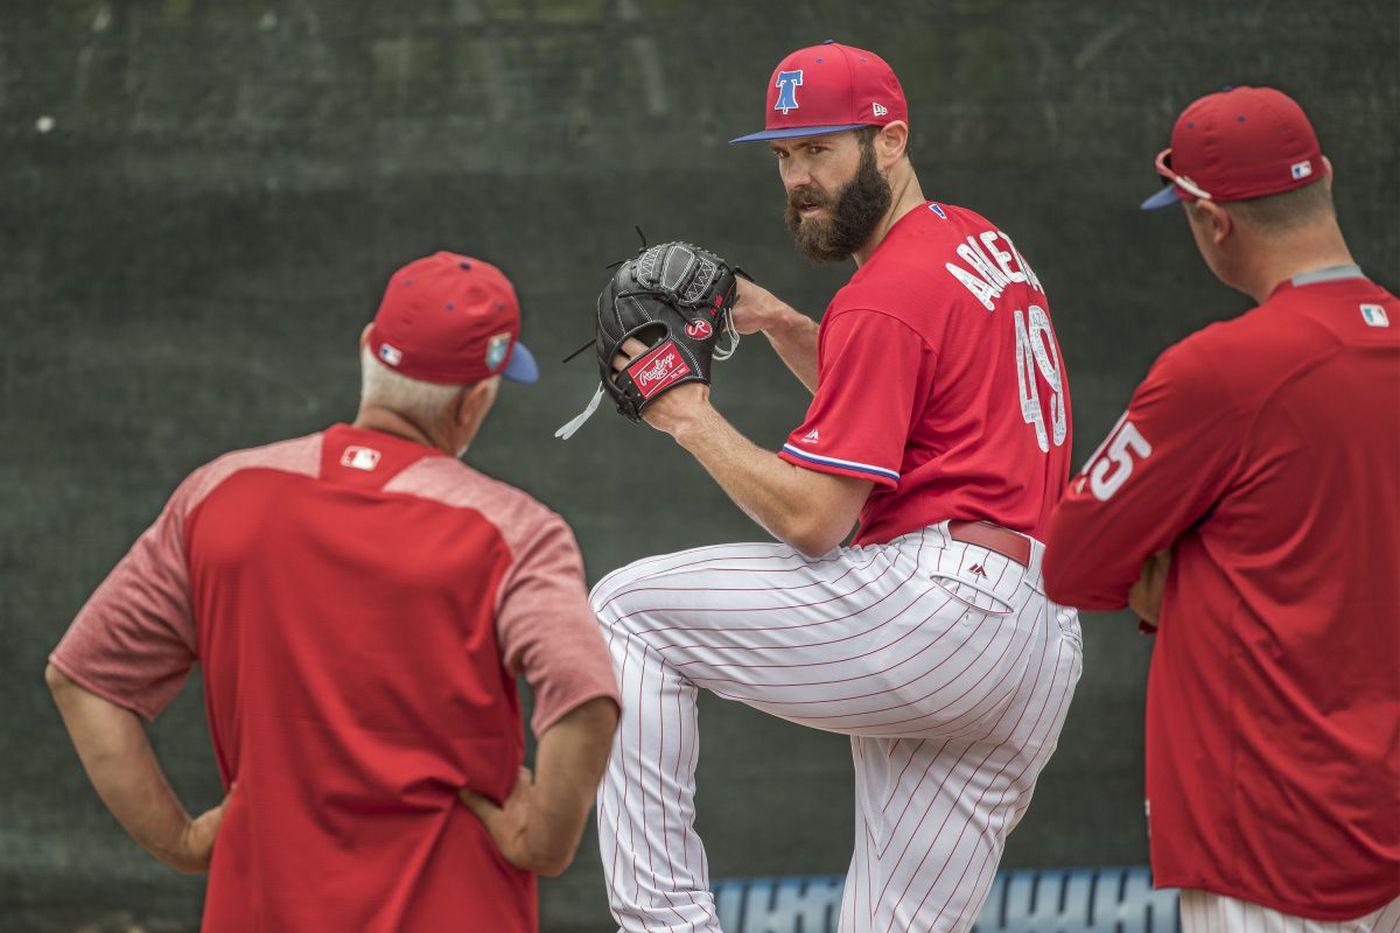 The confidence that drives Phillies pitcher Jake Arrieta | Matt Breen